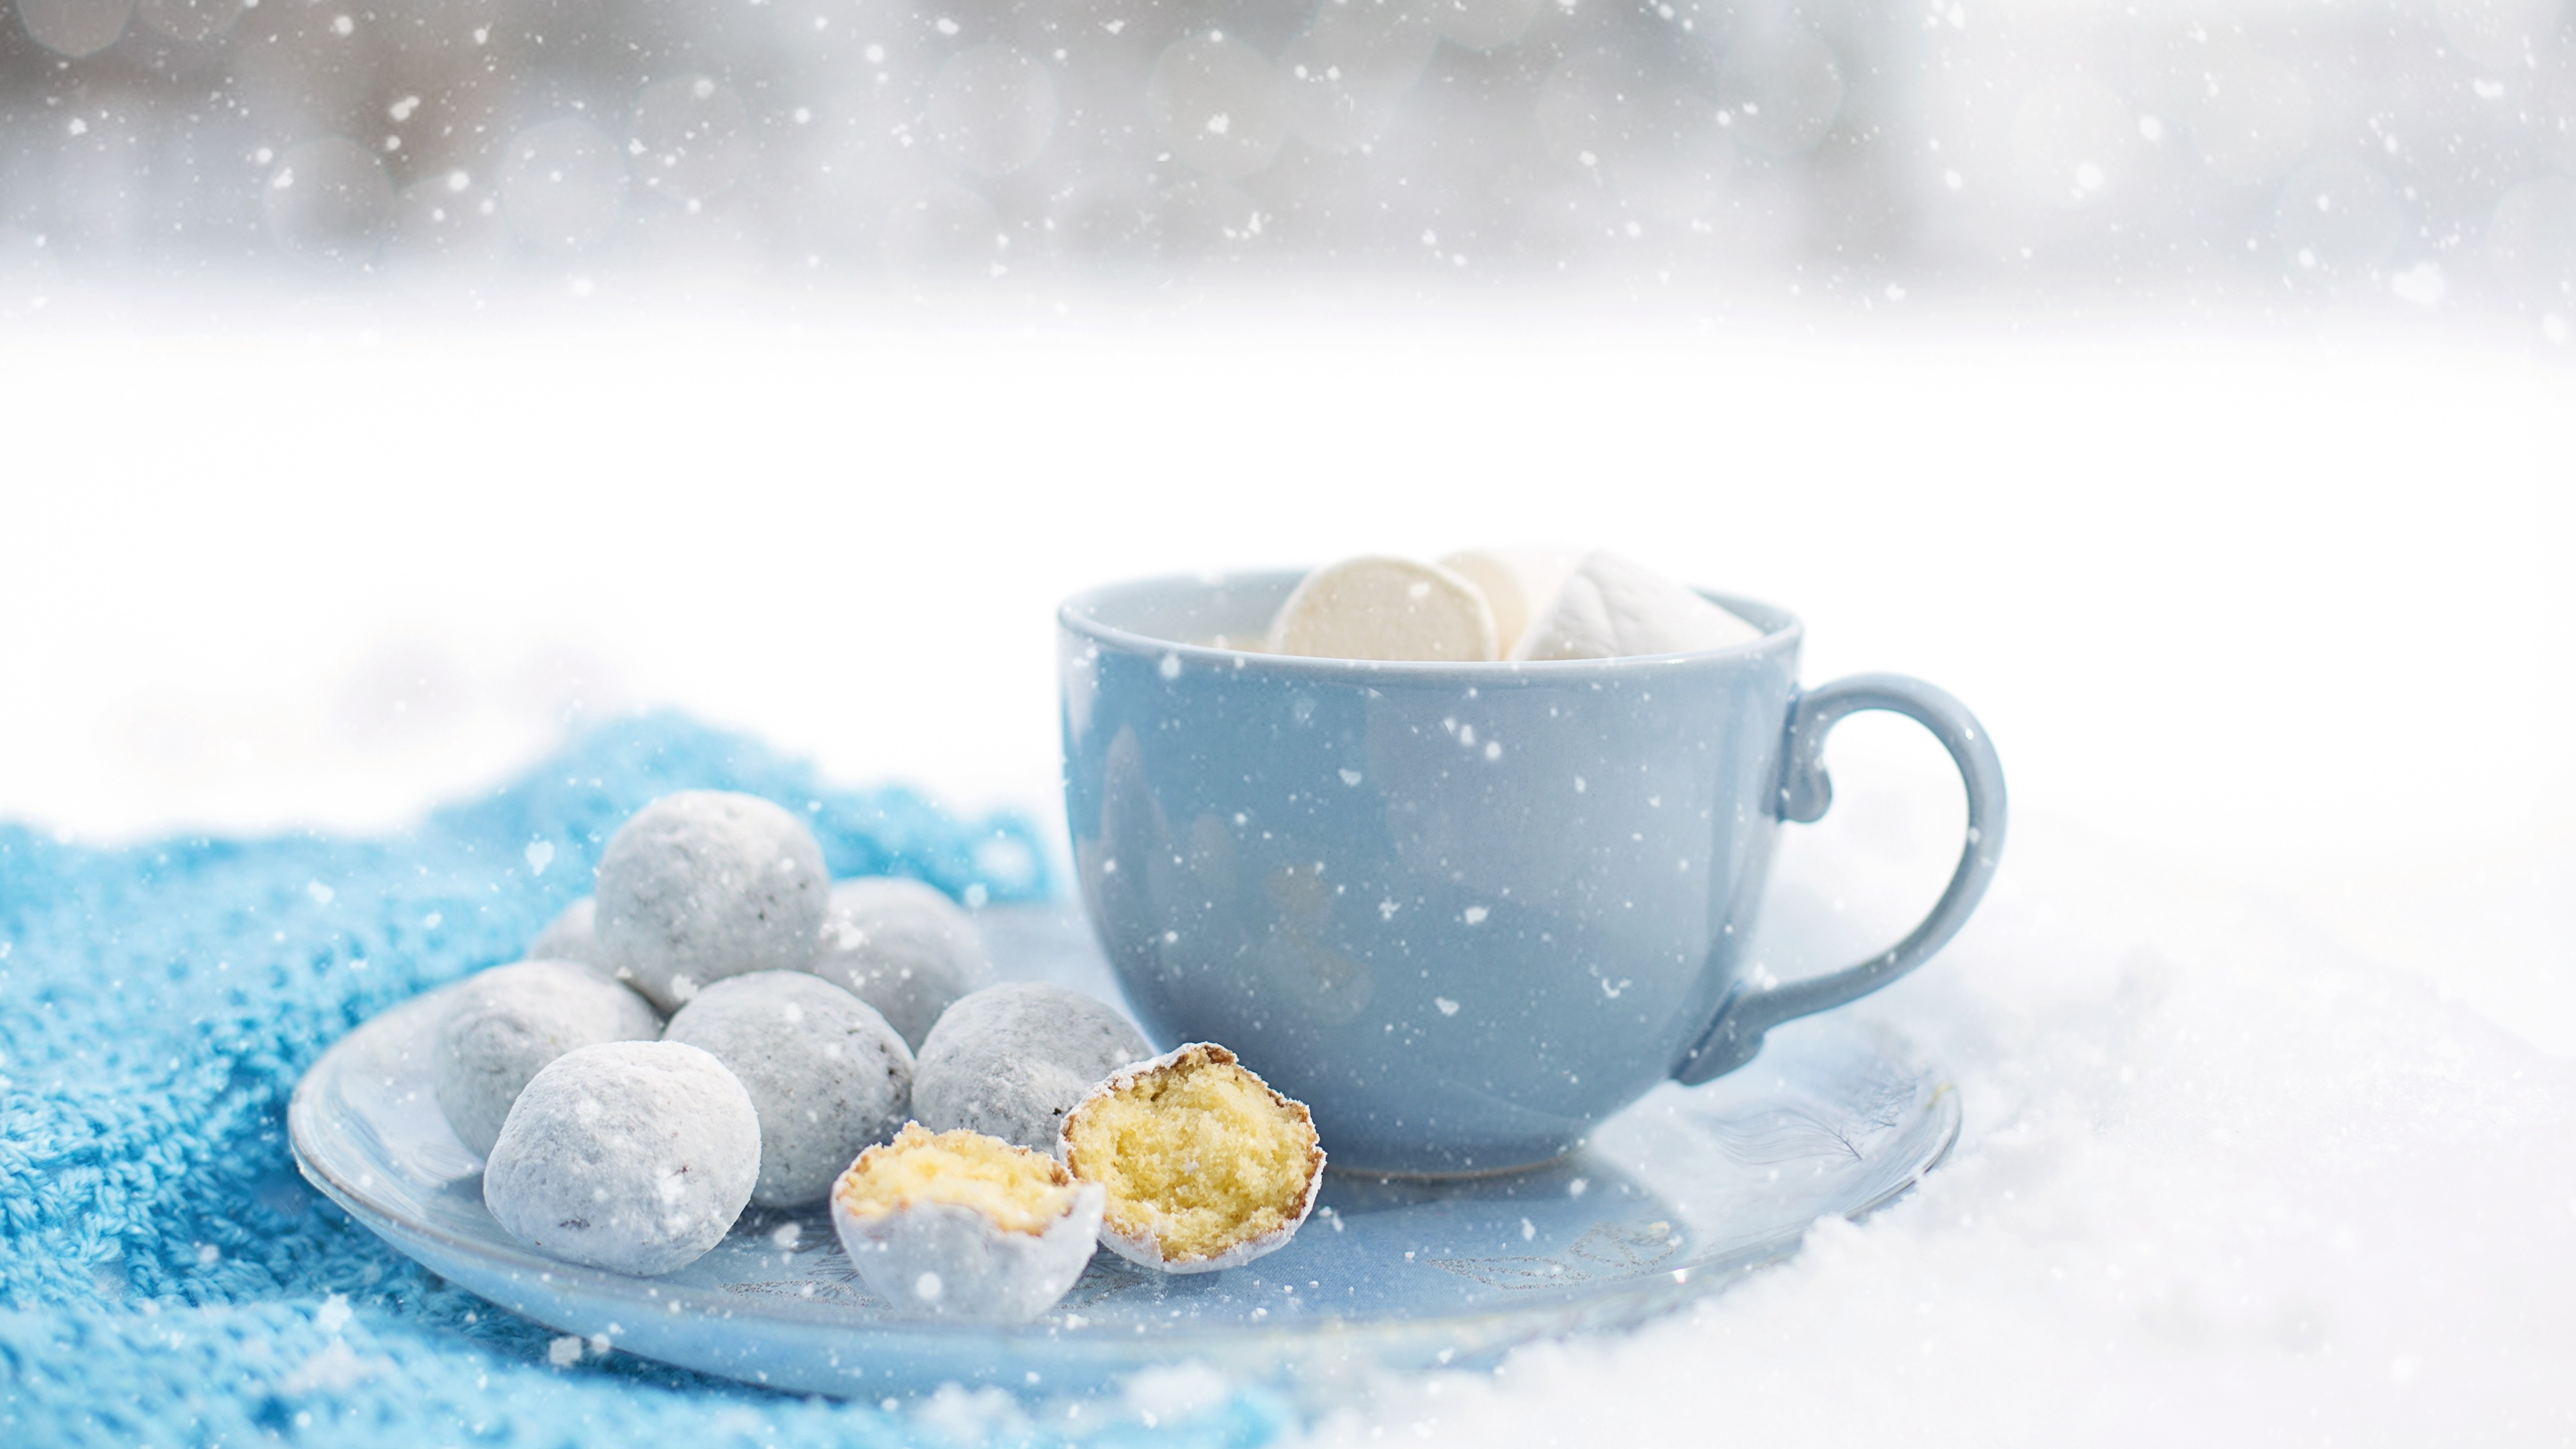 Картинка снежинка Еда чашке Печенье 3840x2160 Снежинки Пища Чашка Продукты питания